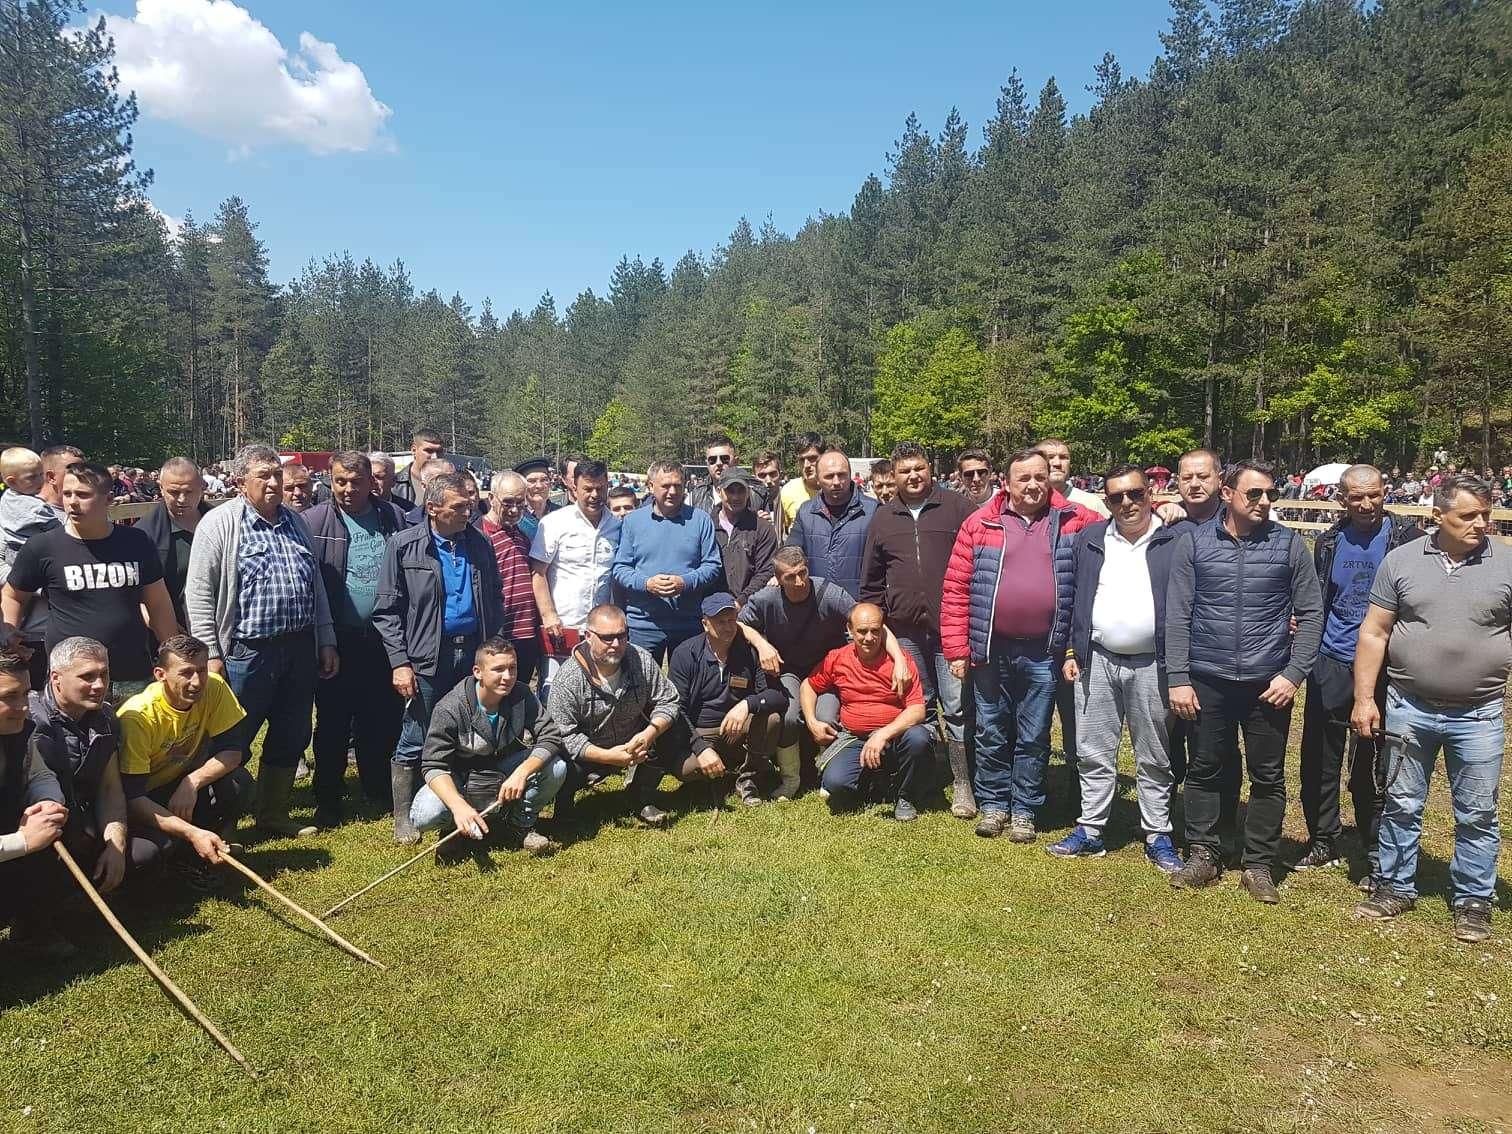 Hiljade ljudi iz cijele BiH uživa u vašaru, teferiču i borbi bikova na turističkoj destinaciji Buk kod Olova